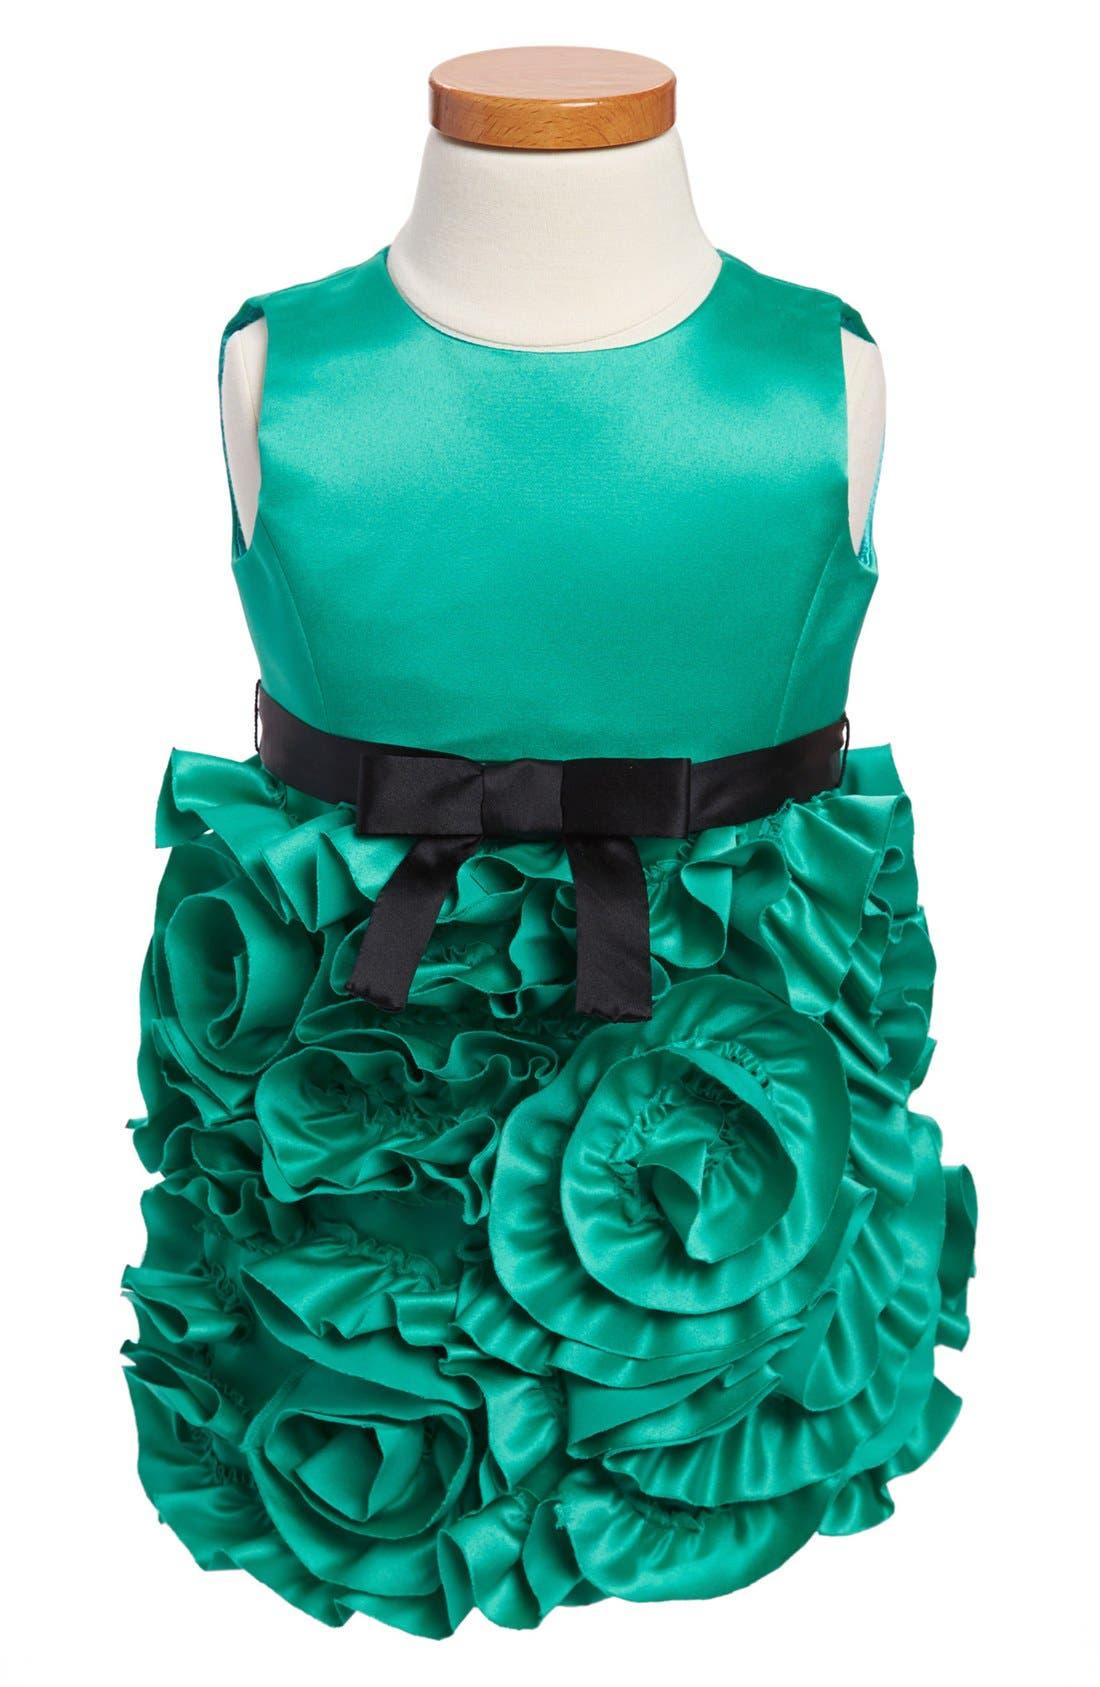 Alternate Image 1 Selected - Milly Minis Rosette Party Dress (Toddler Girls & Little Girls)